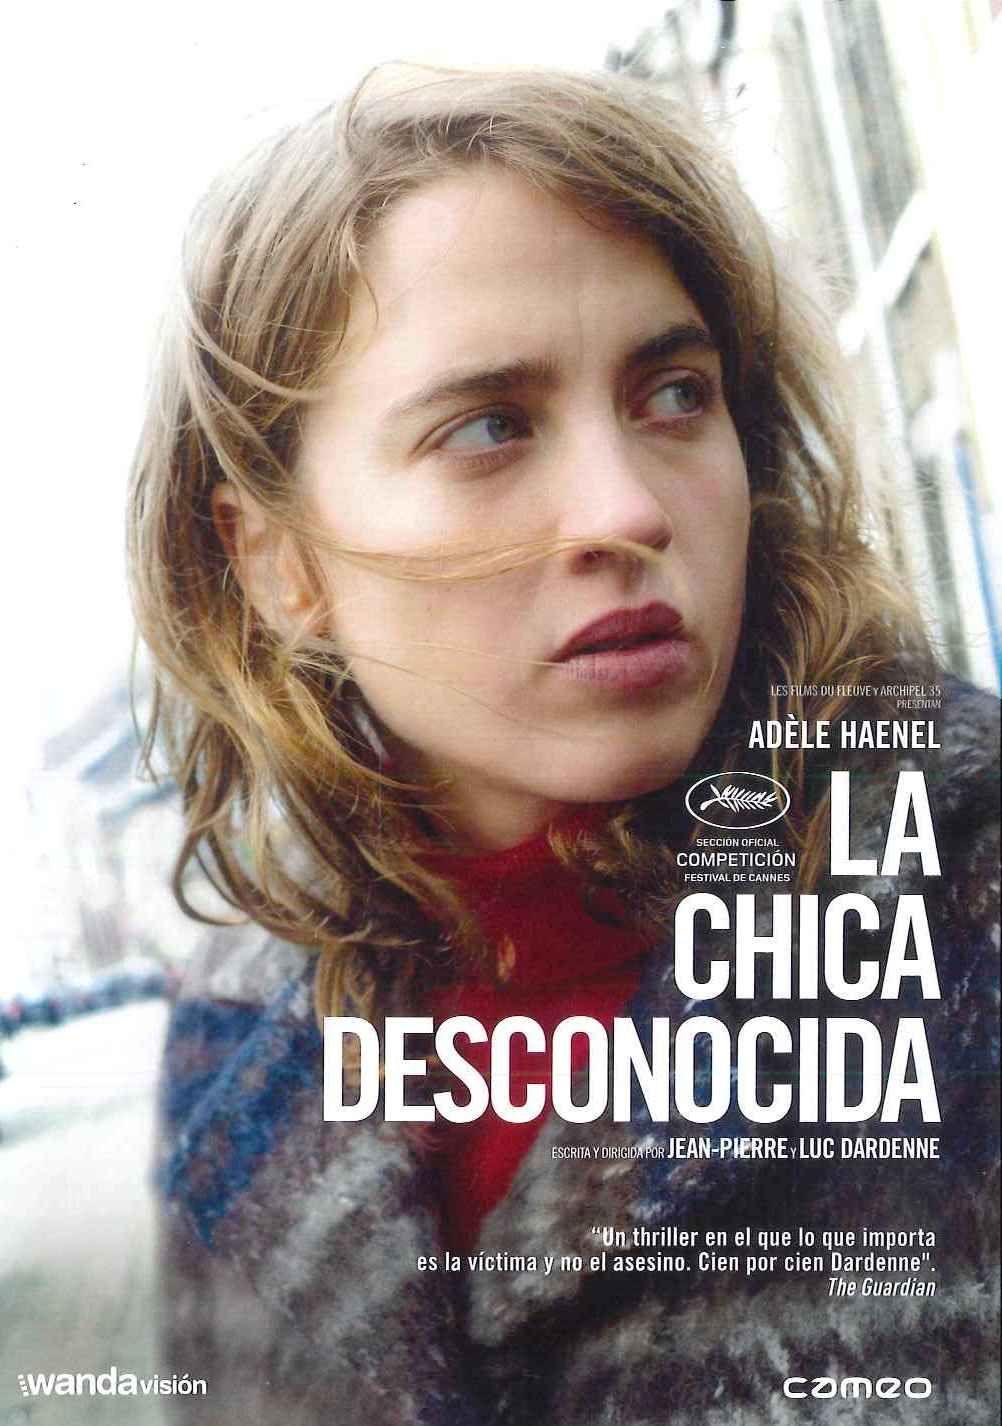 La Chica Desconocida Bélgica 2016 Dirigida Por Jean Pierre Y Luc Dardenne Una Noche Después Del Cierre De Su Desconocido Pelicula Películas Indie Peliculas